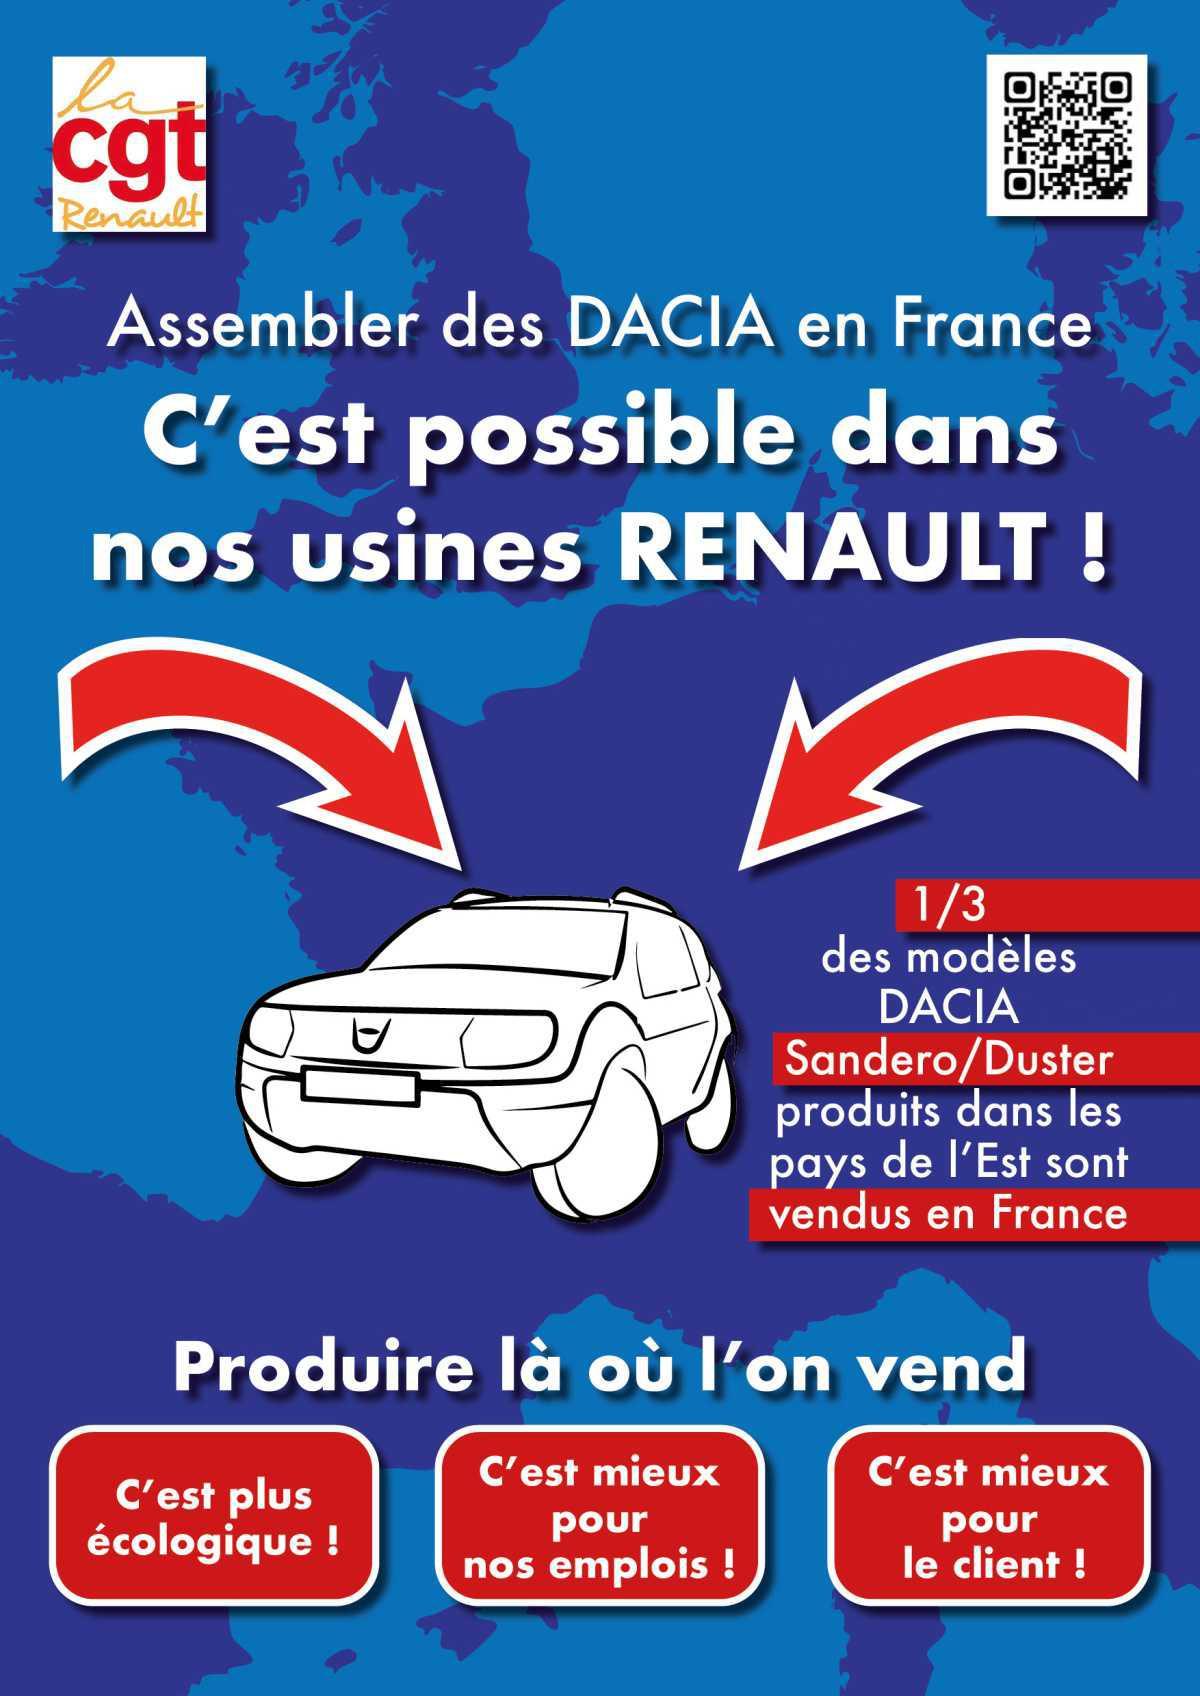 Pour la localisation en France d'une part des véhicules DACIA vendus sur le territoire